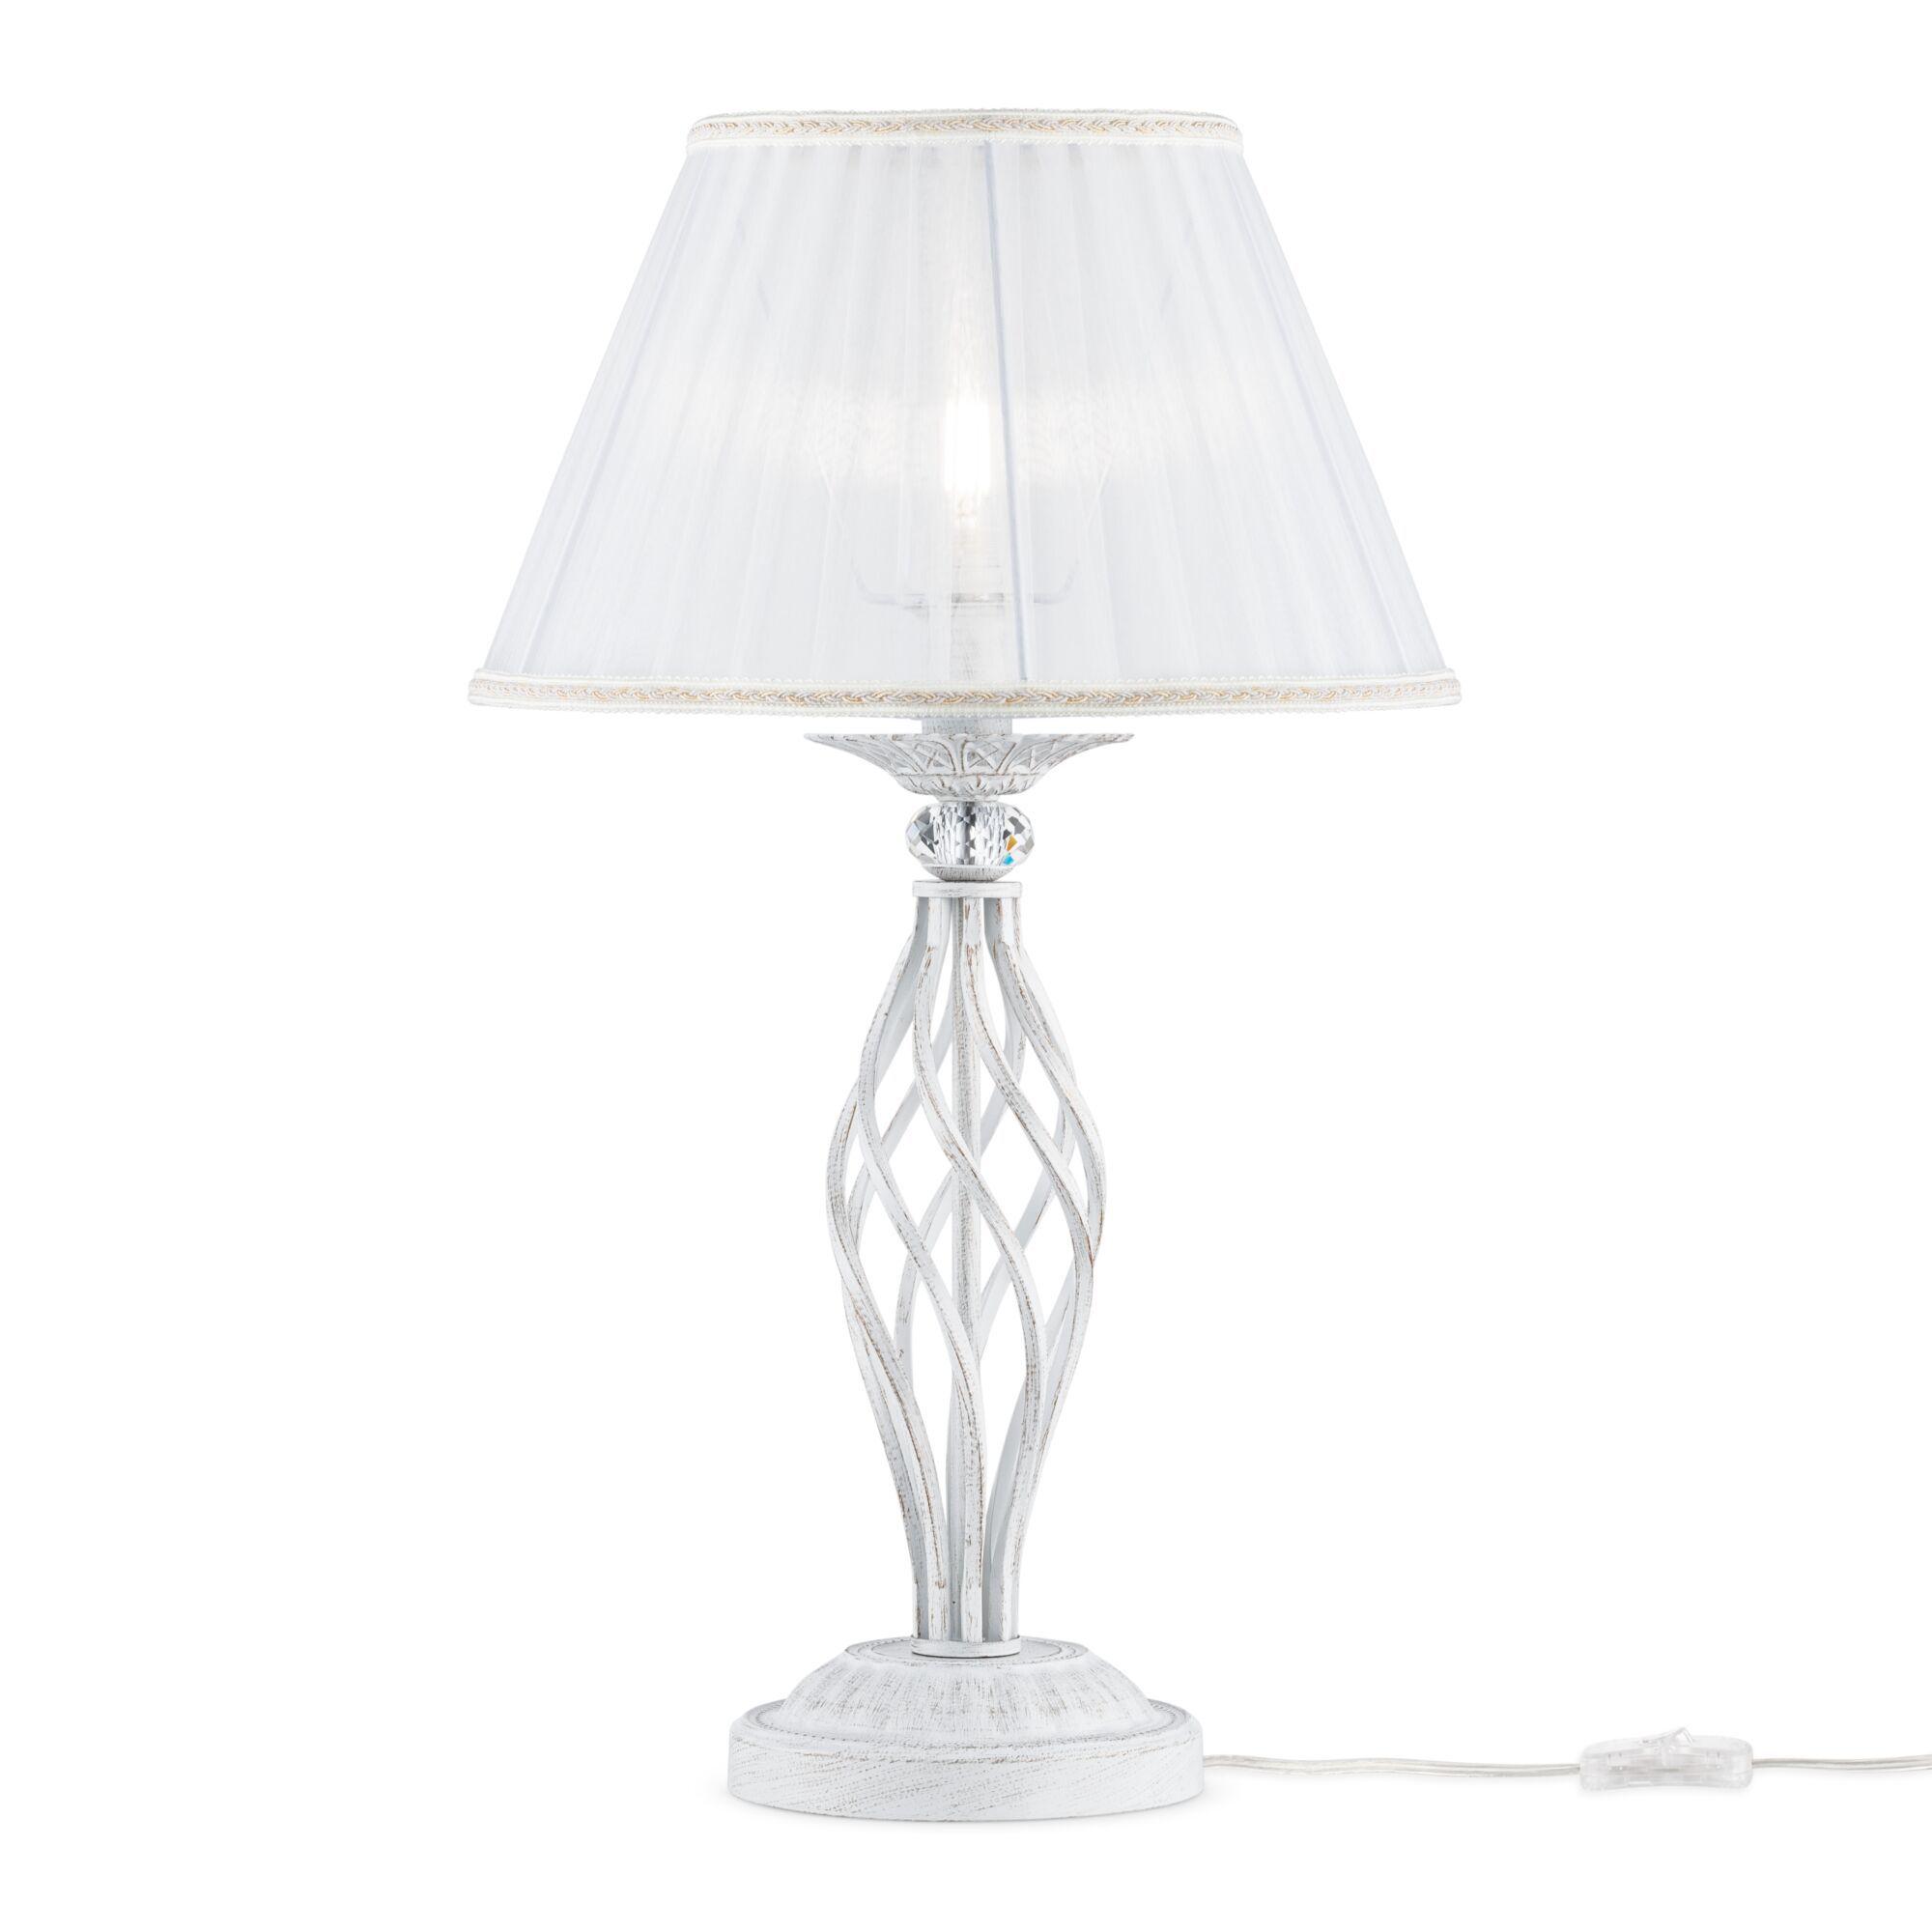 Настольная лампа Maytoni Grace ARM247-00-G, 1xE14x40W, белый с золотой патиной, белый, металл, текстиль - фото 2